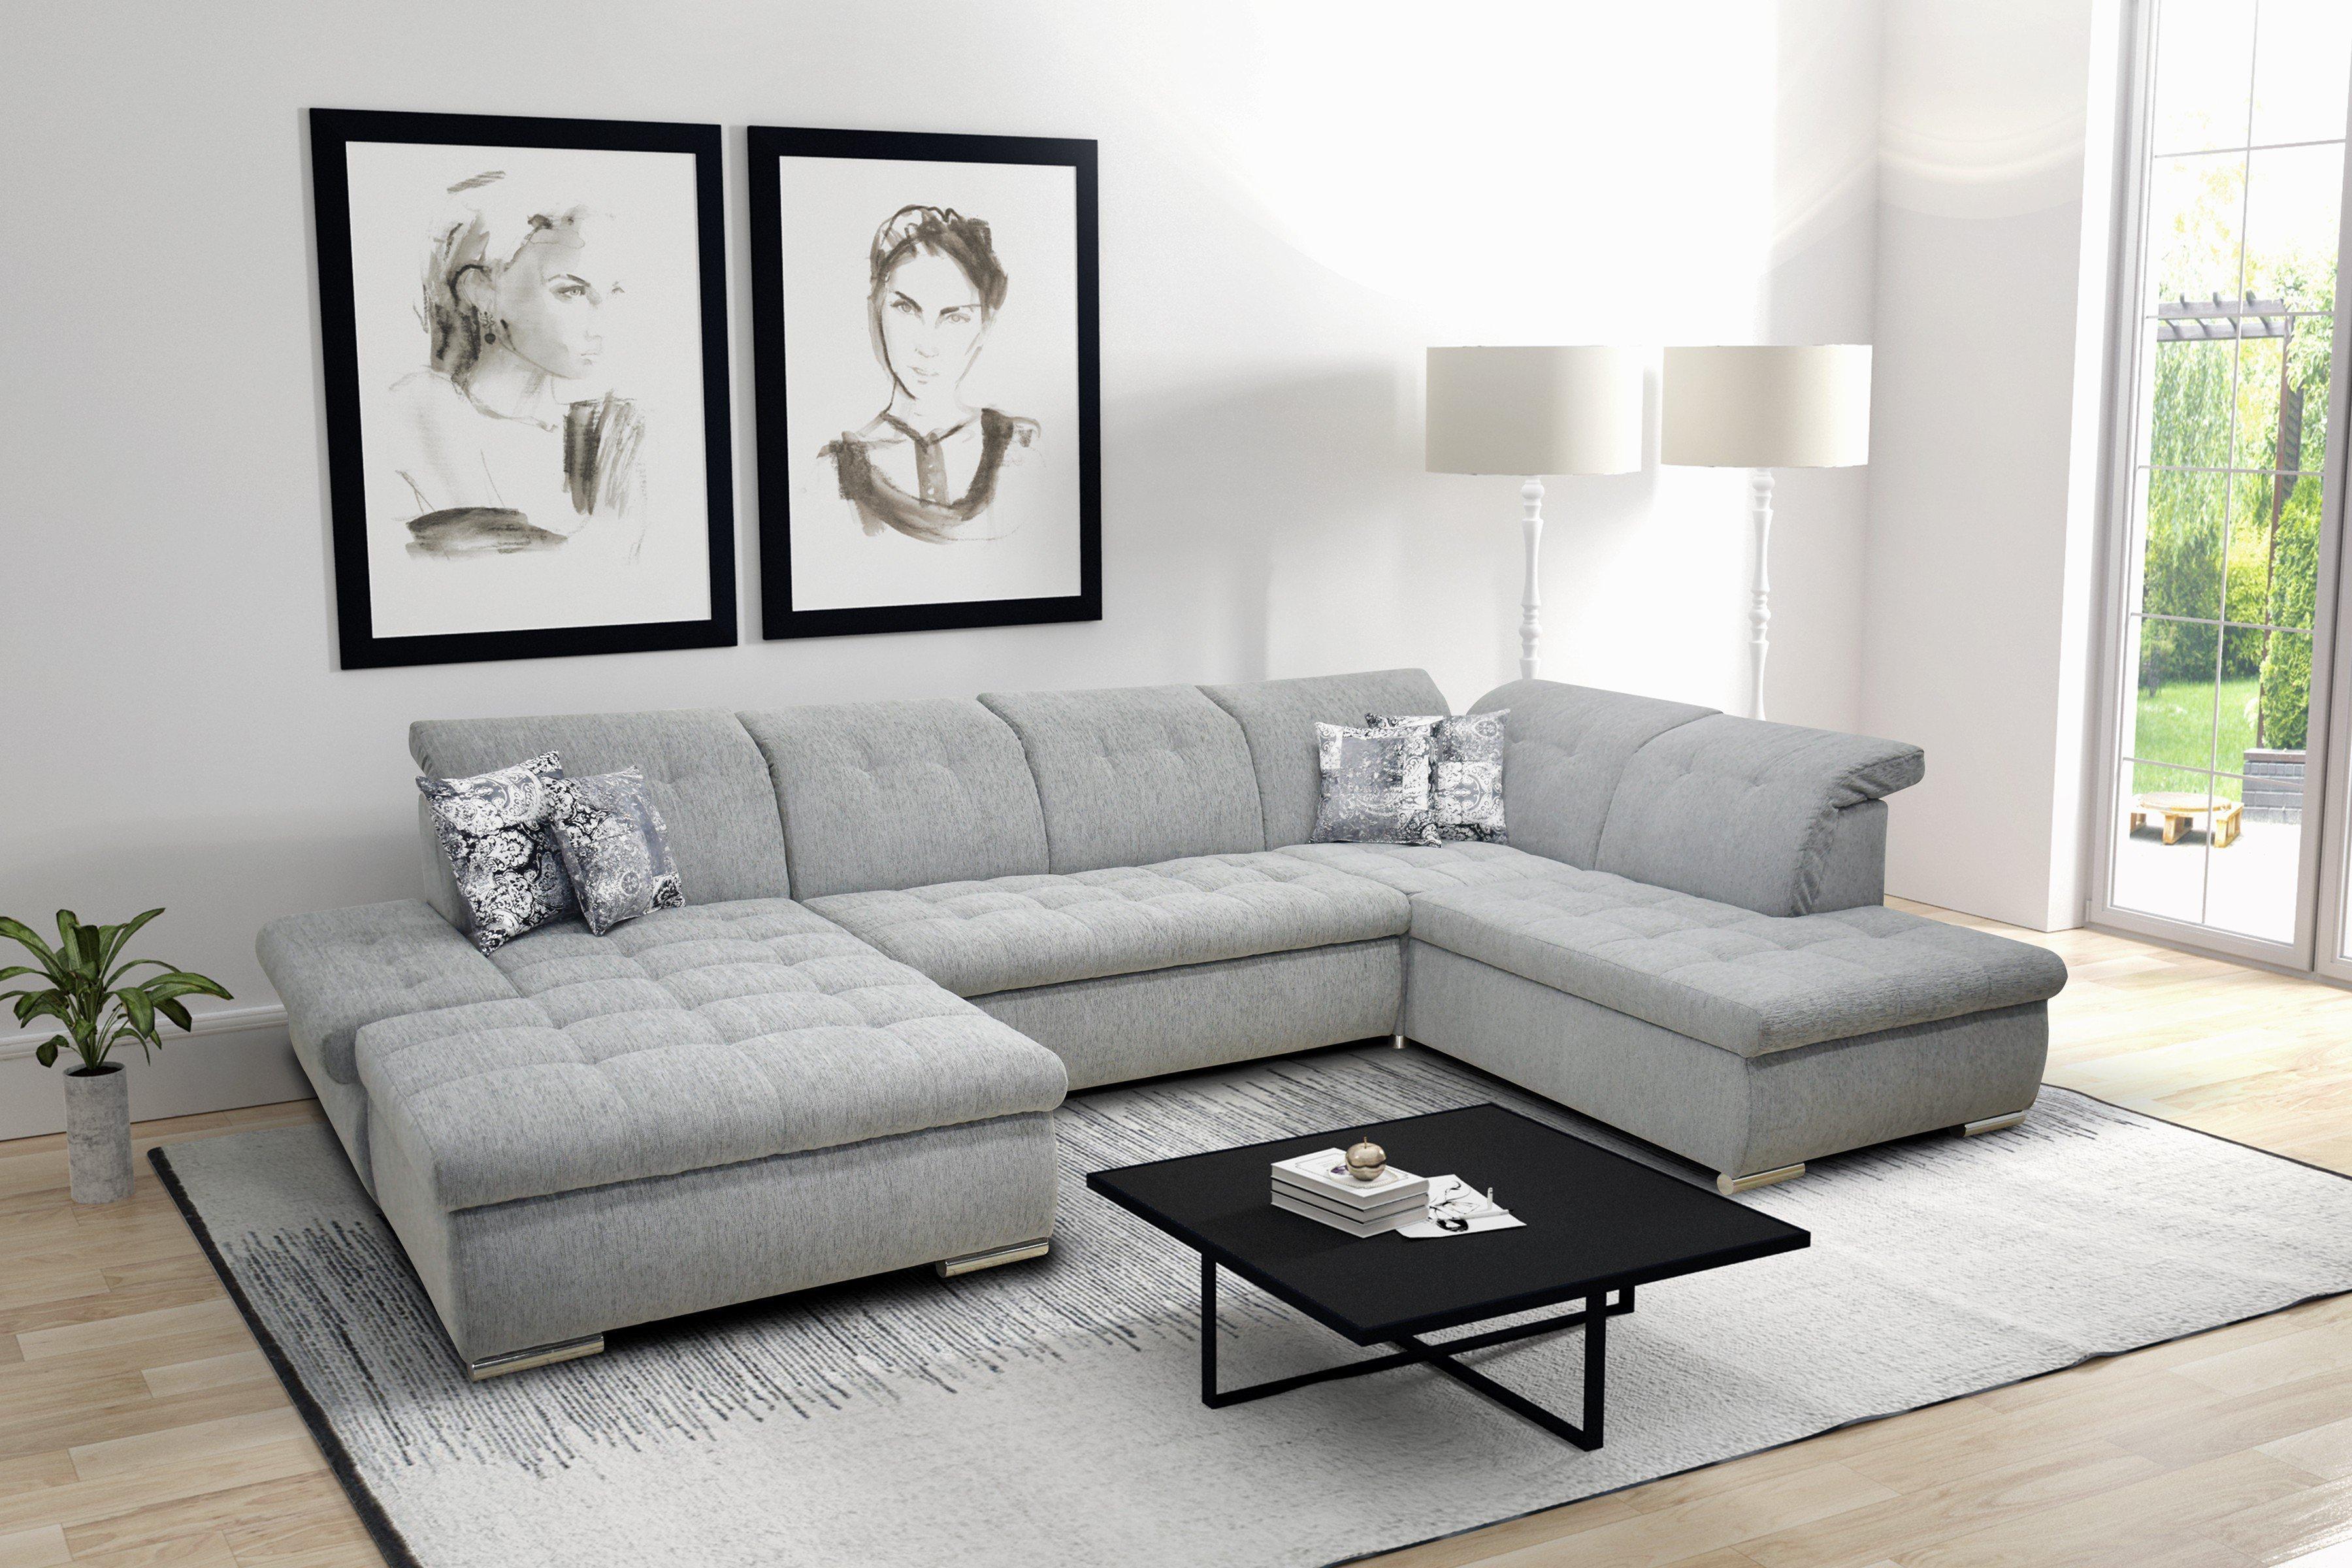 Domo Collection Faria Wohnlandschaft grau | Möbel Letz - Ihr Online-Shop